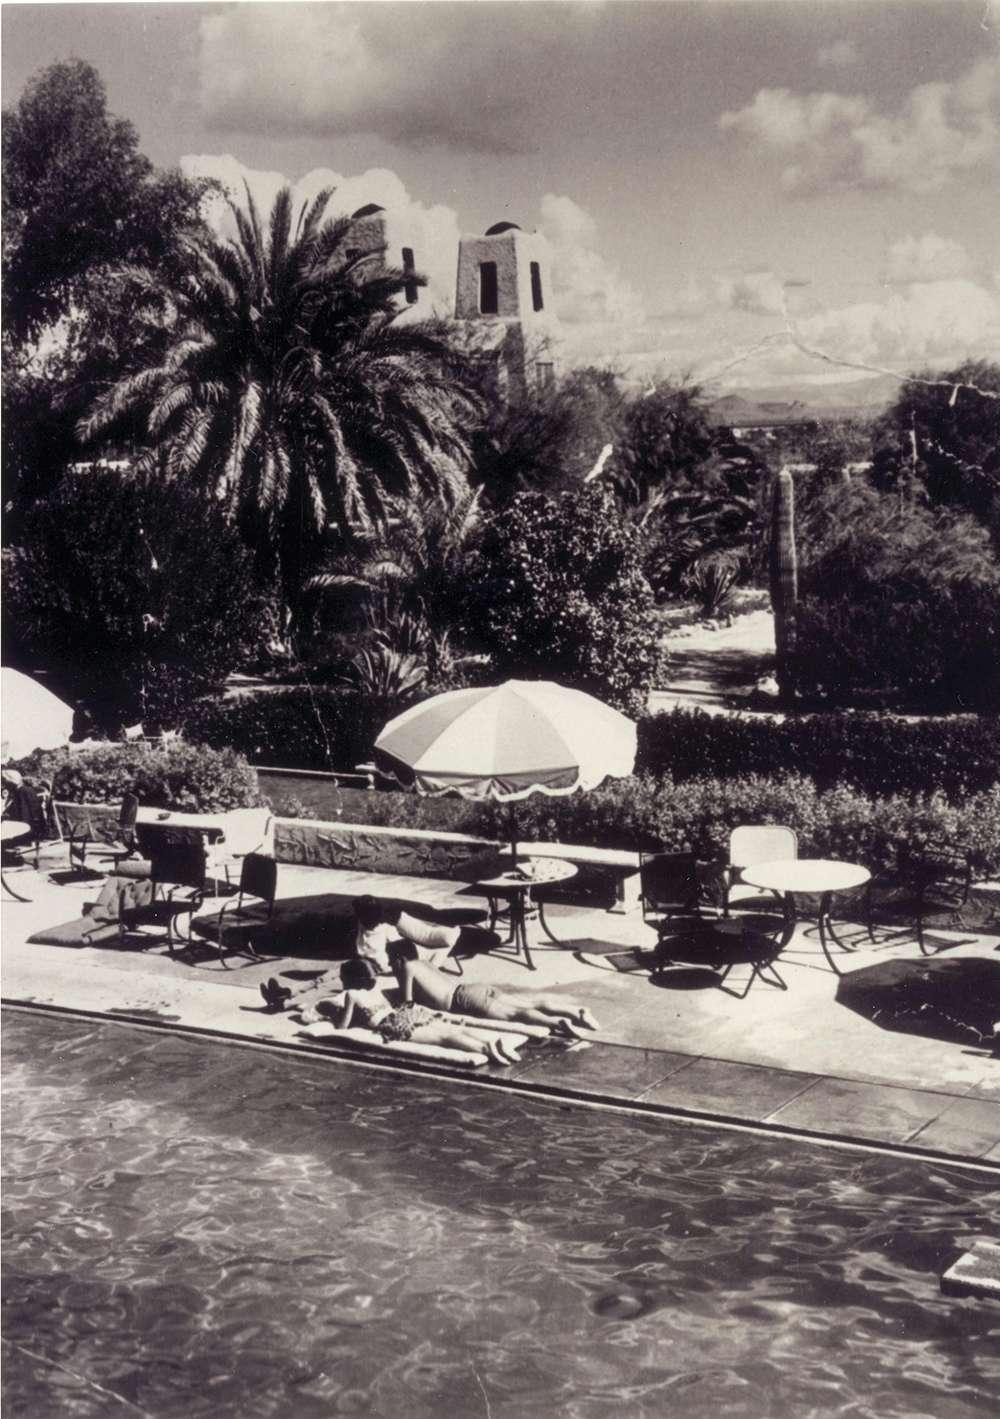 Swimming pool at the Jokake Inn, circa 1940s. Historical photos provided by Arizona Historical Society